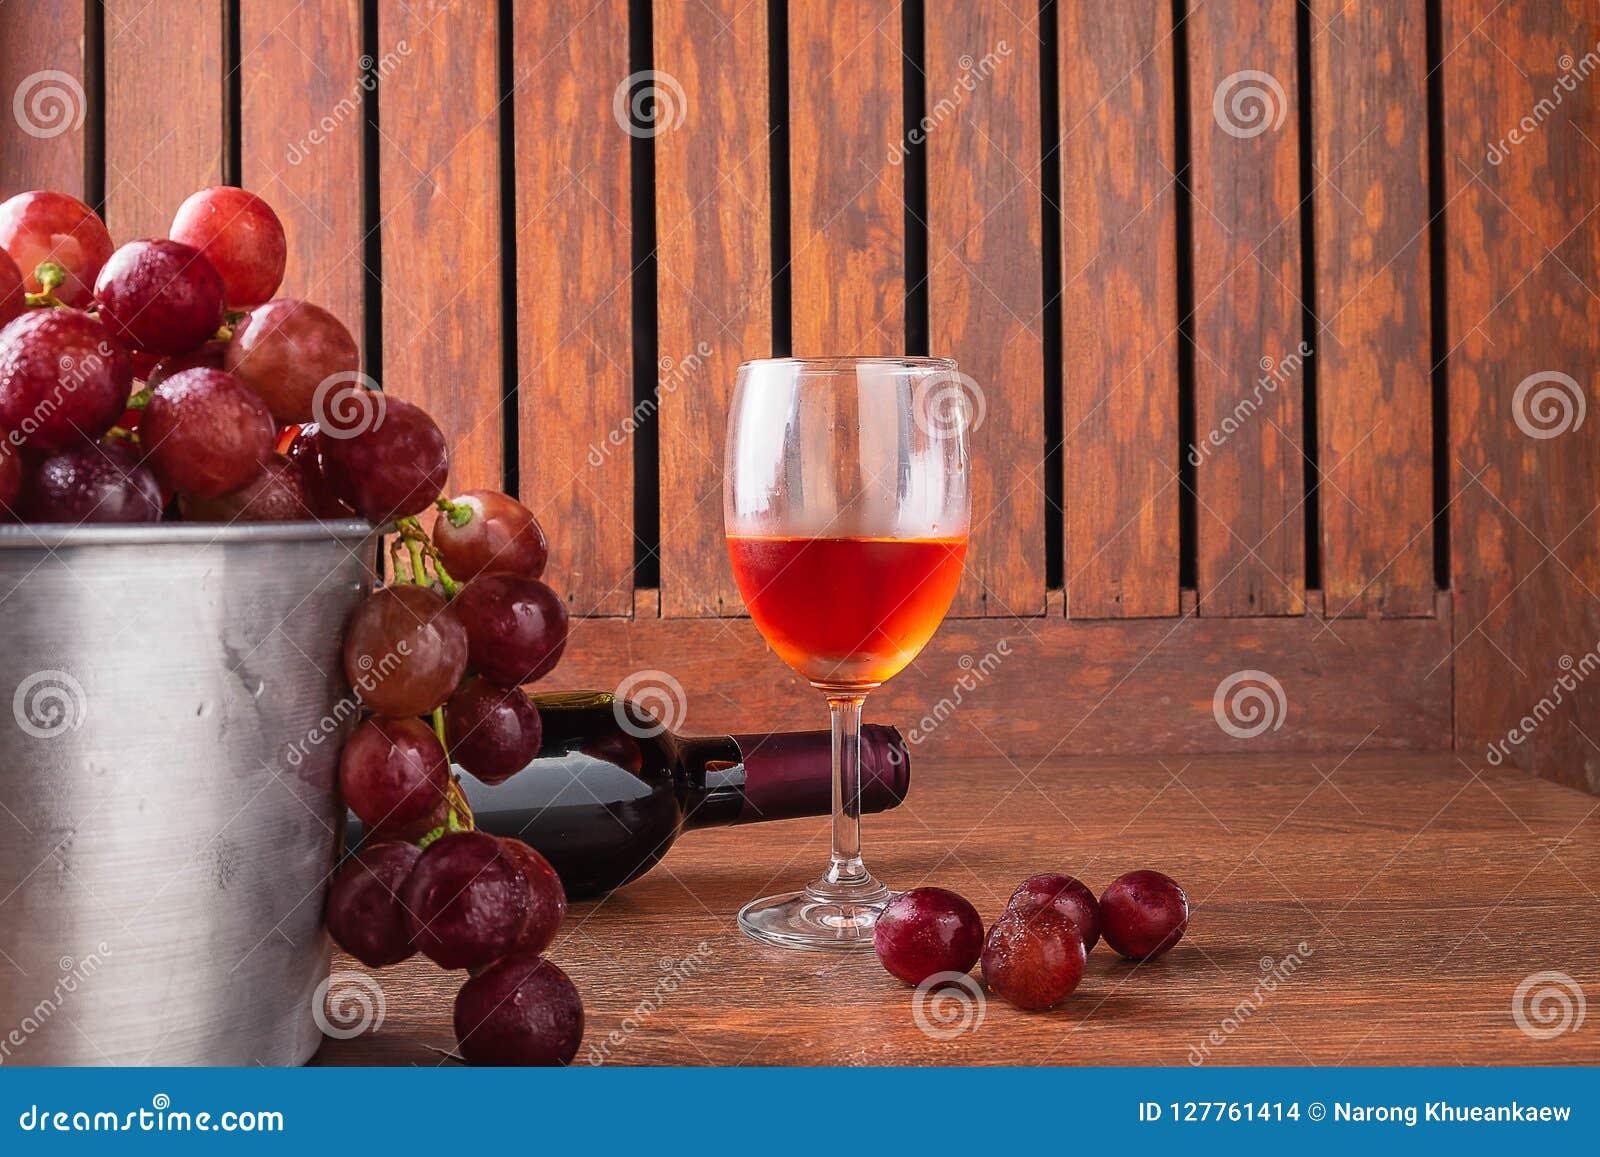 酒杯和酒瓶用红葡萄在木背景